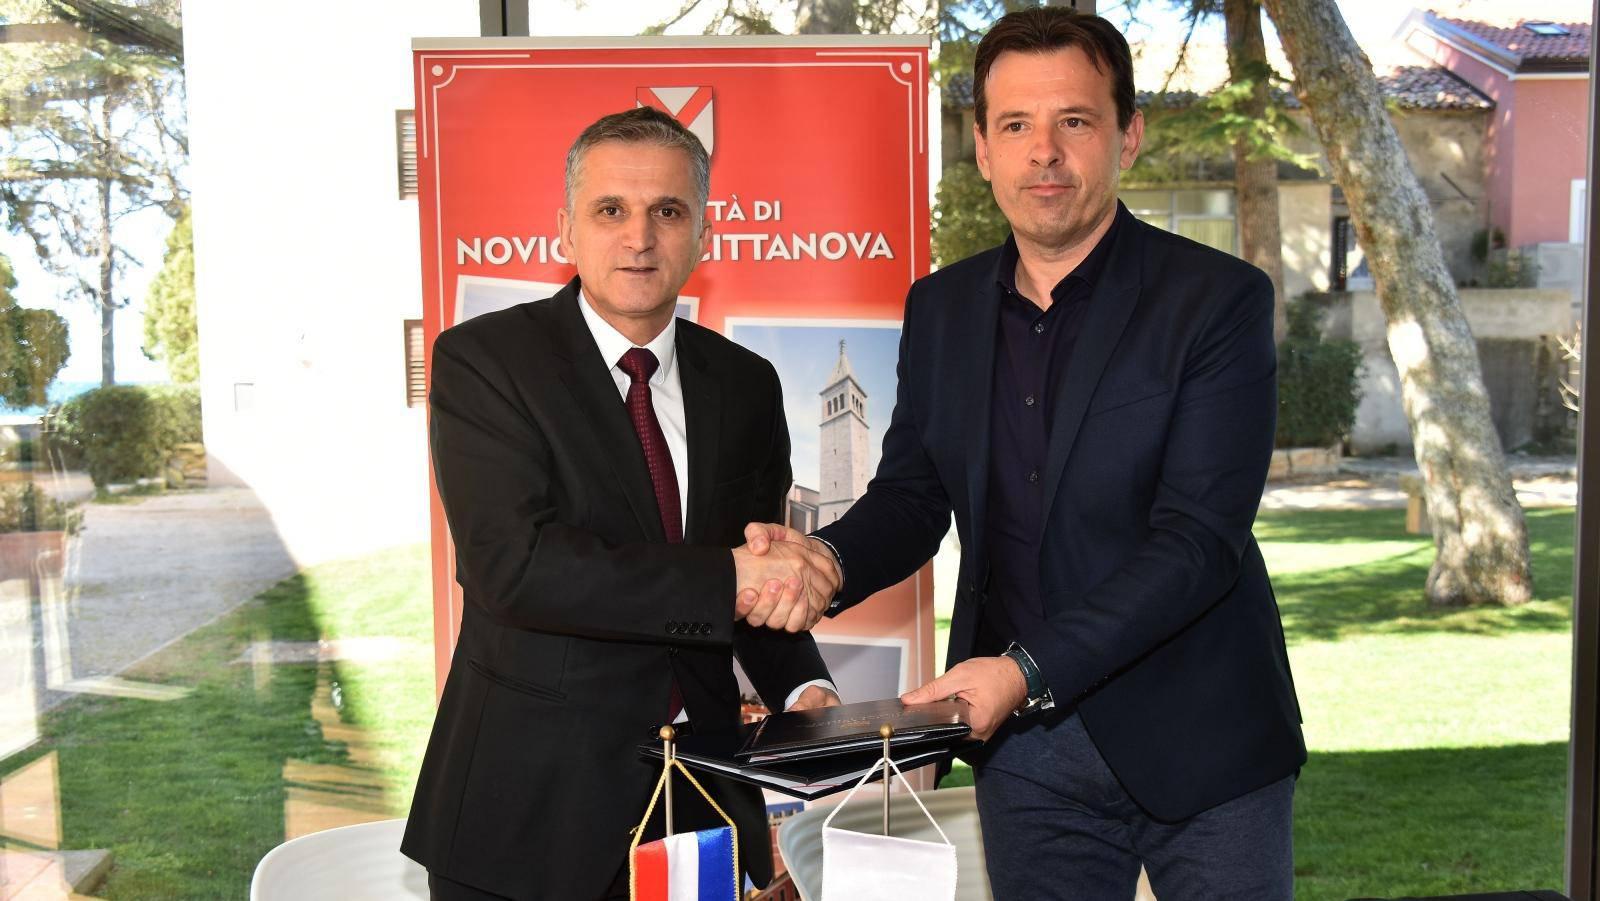 Goran Marić posjetio Novigrad, potpisao ugovor u darivanju nekretnine te obišao gradilište